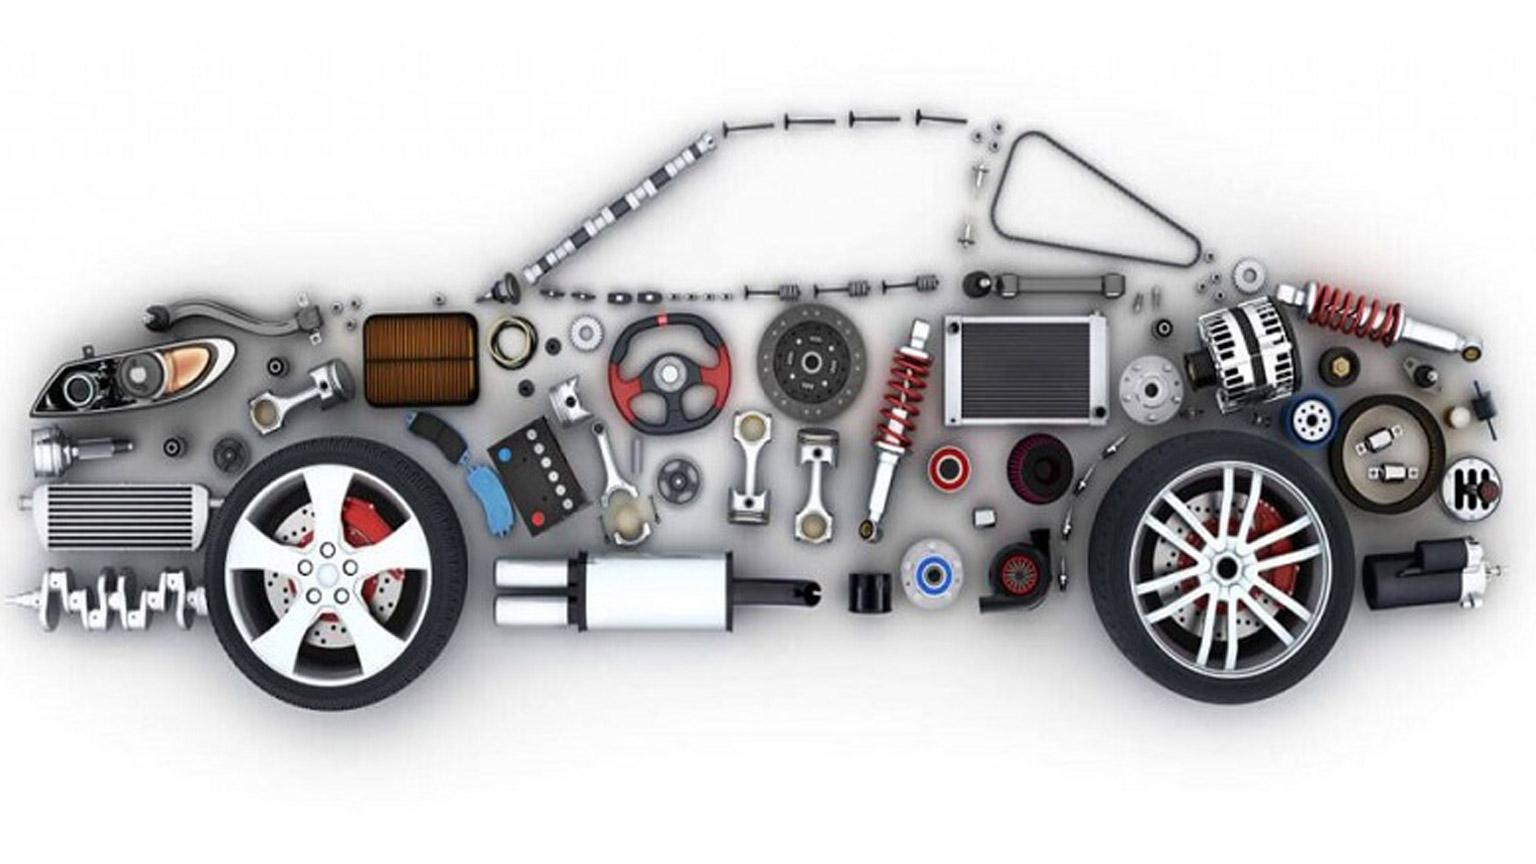 لوازم مصرفی خودرو و زمان تعویض آنها